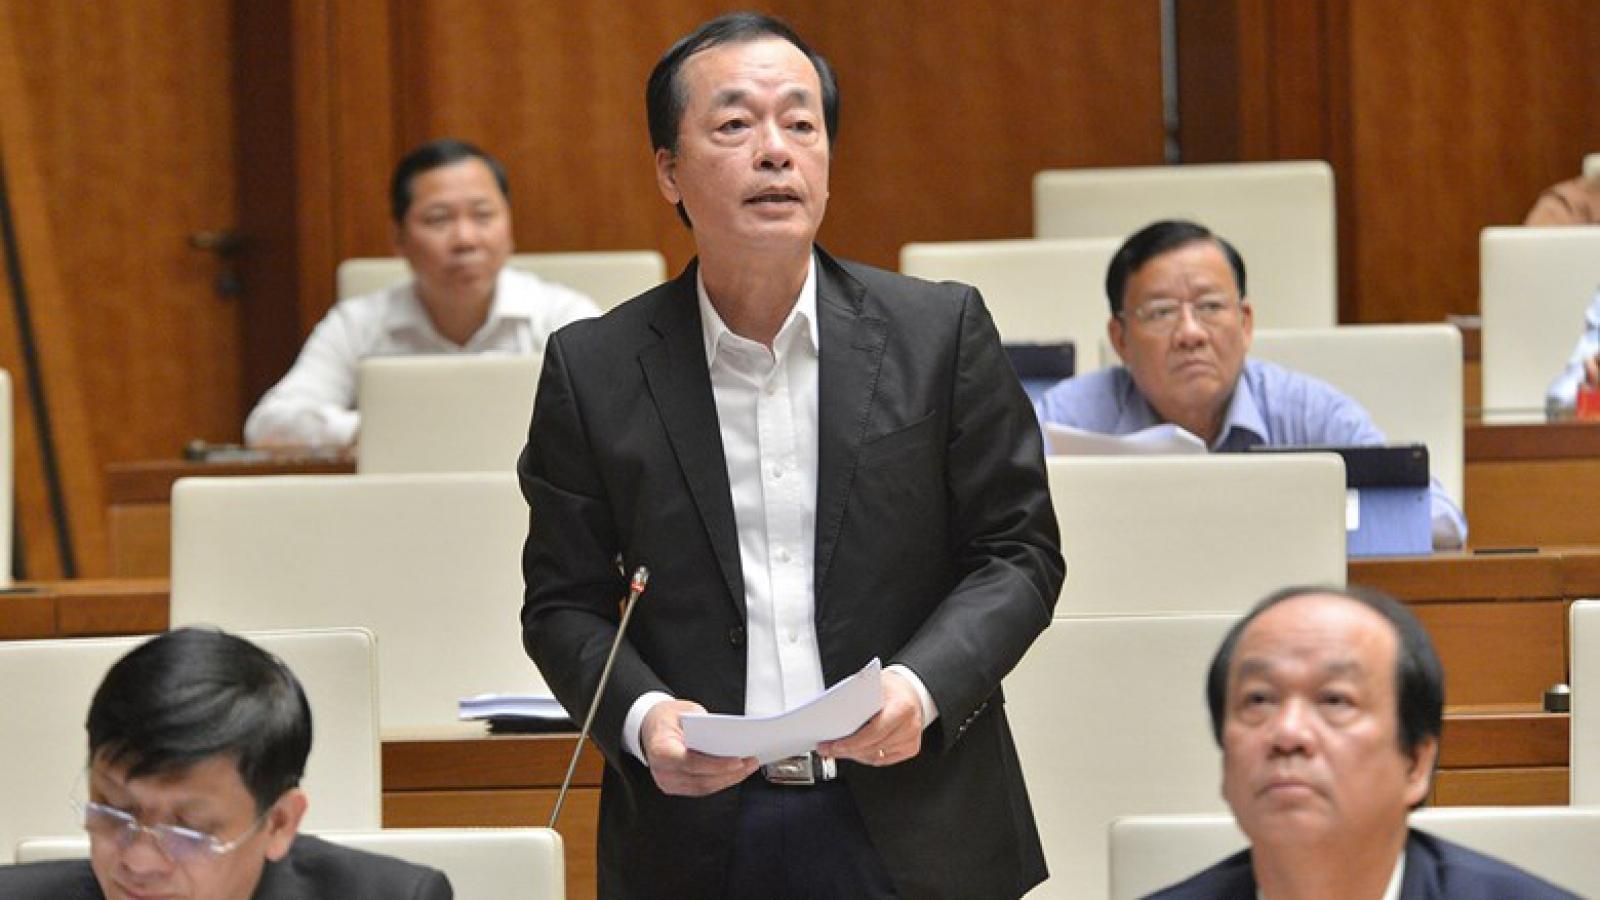 Bộ trưởng Xây dựng Phạm Hồng Hà: Quy hoạch treo có phần do địa phương nóng vội